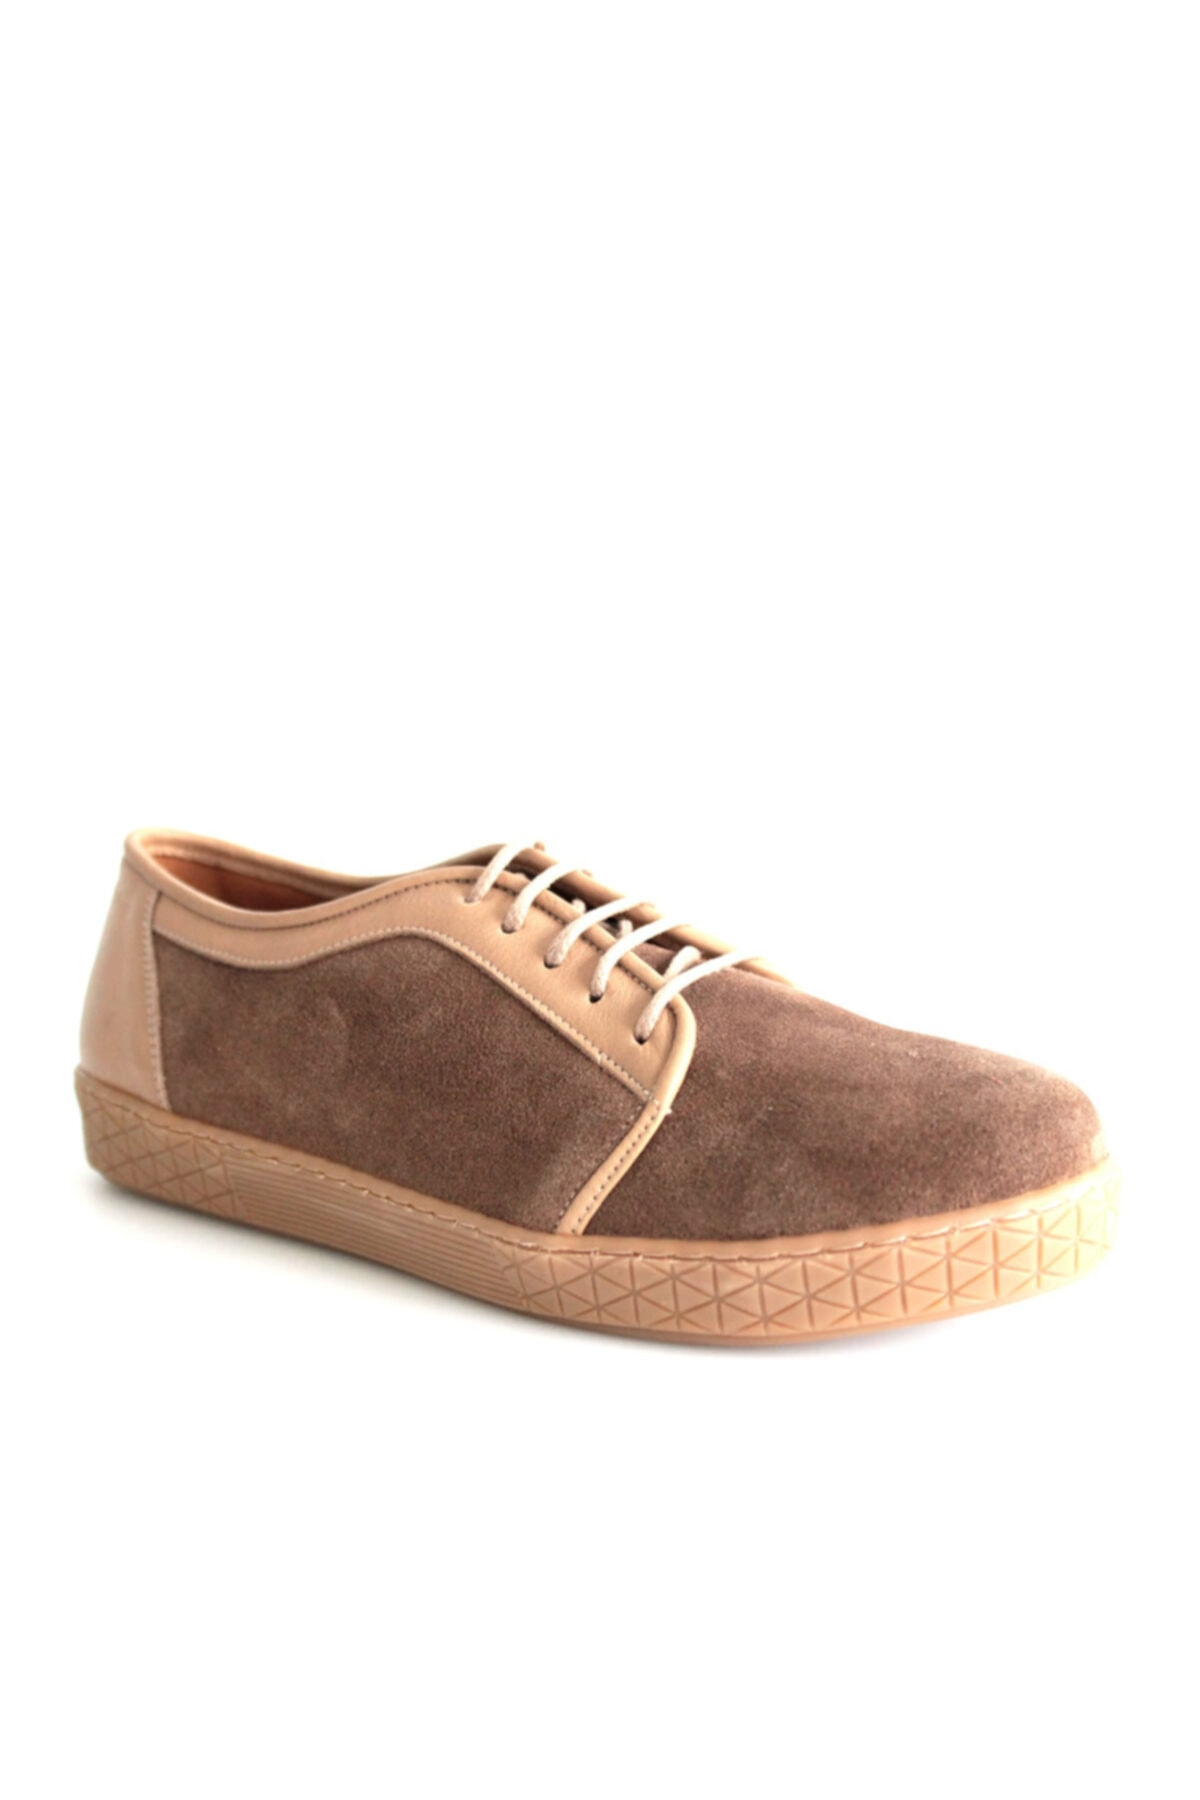 Beta Shoes Günlük Ayakkabı Hakiki Deri Kadın Süet Toprak 1